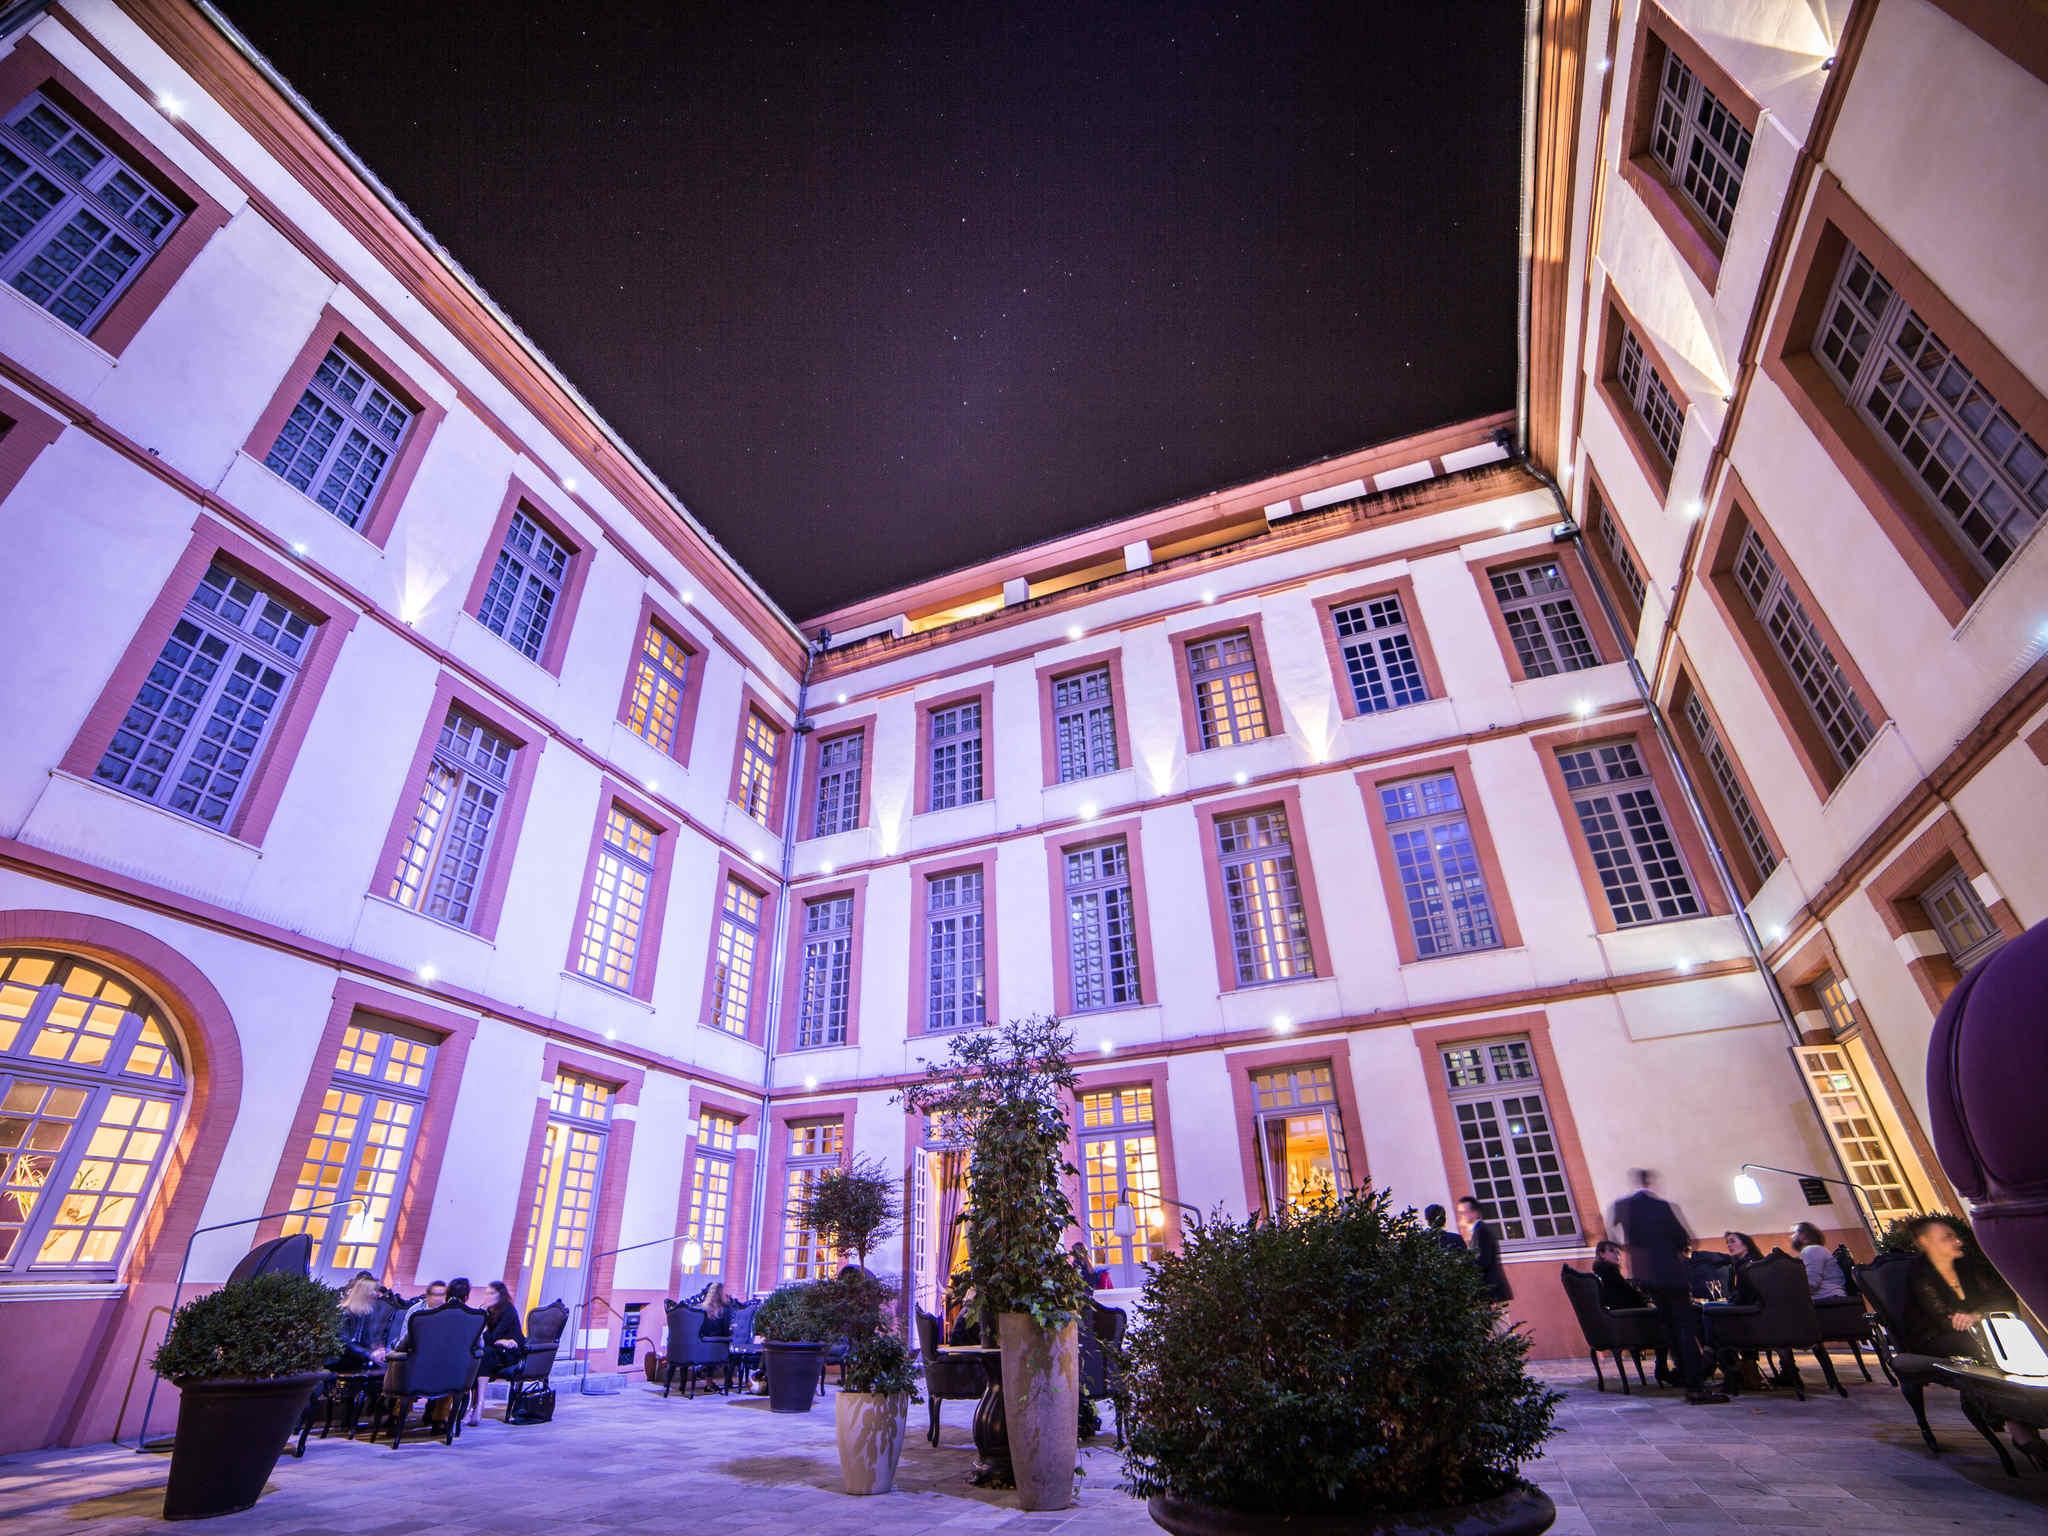 Hôtel - La Cour des Consuls Hôtel & Spa Toulouse - MGallery by Sofitel